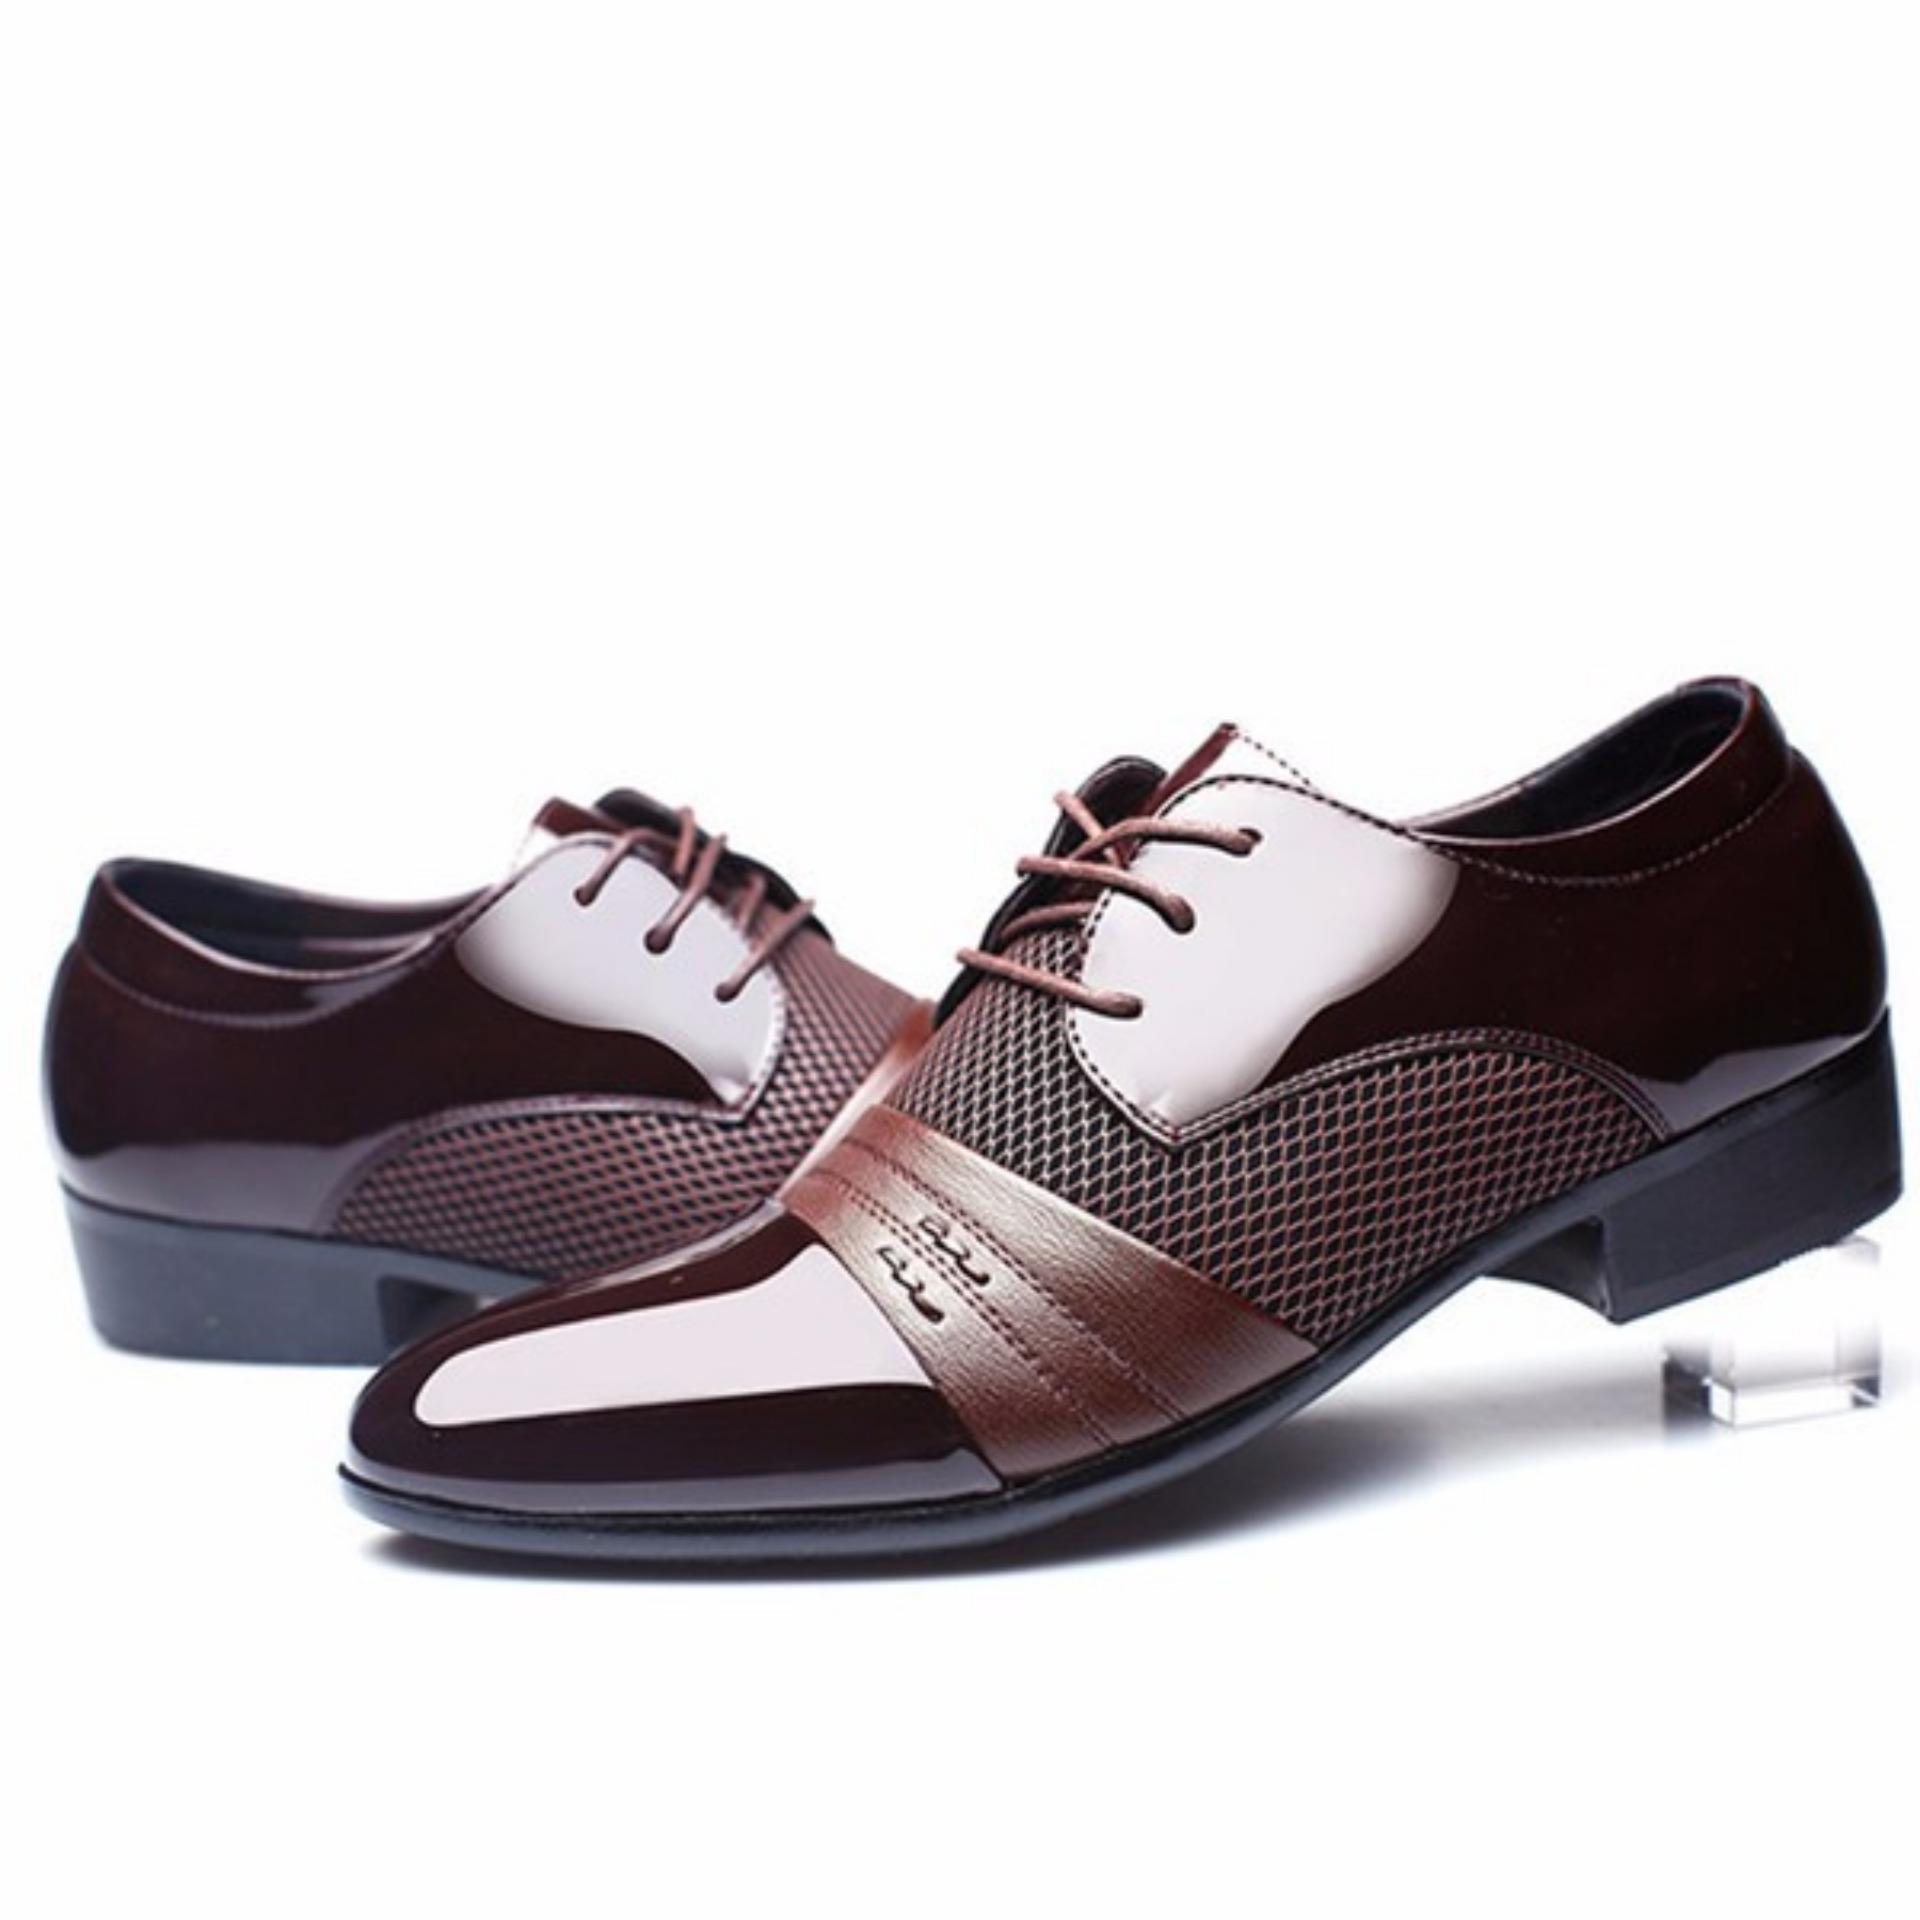 Baru Gaun Formal Pria Sepatu Kulit Asli Sepatu Kasual Bisnis Berjabat Gaun  Kasual -Intl 4f833272b2